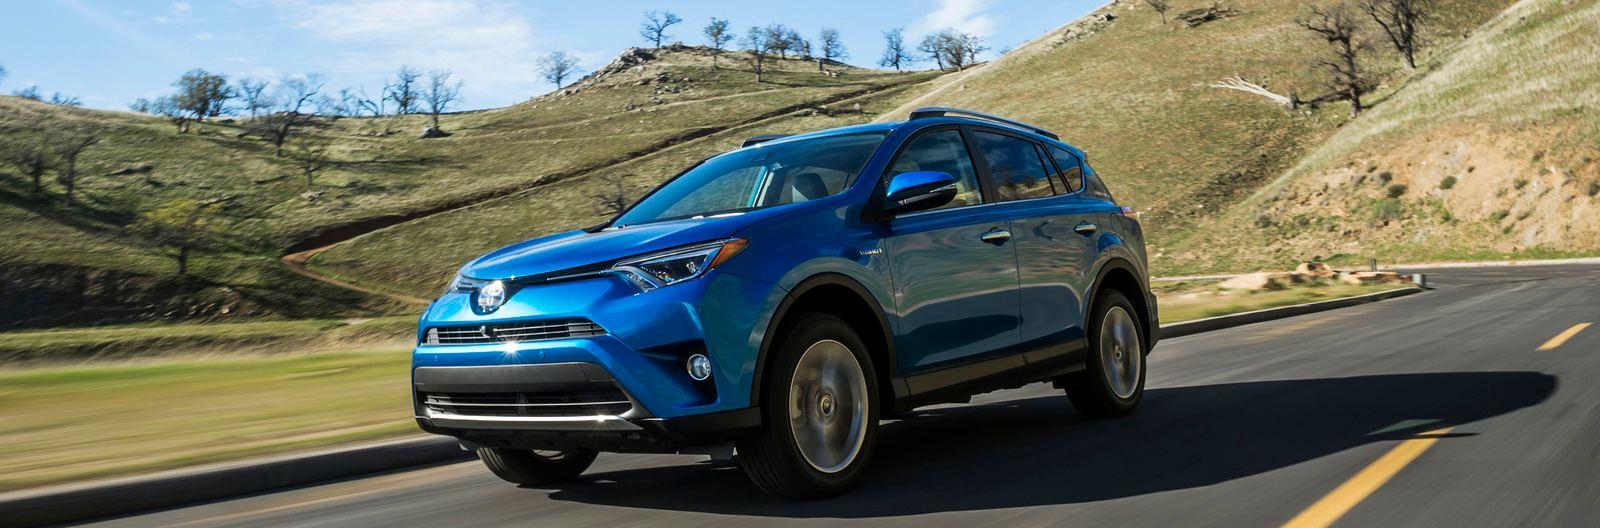 2016-Toyota-RAV4-Hybrid-1.jpg